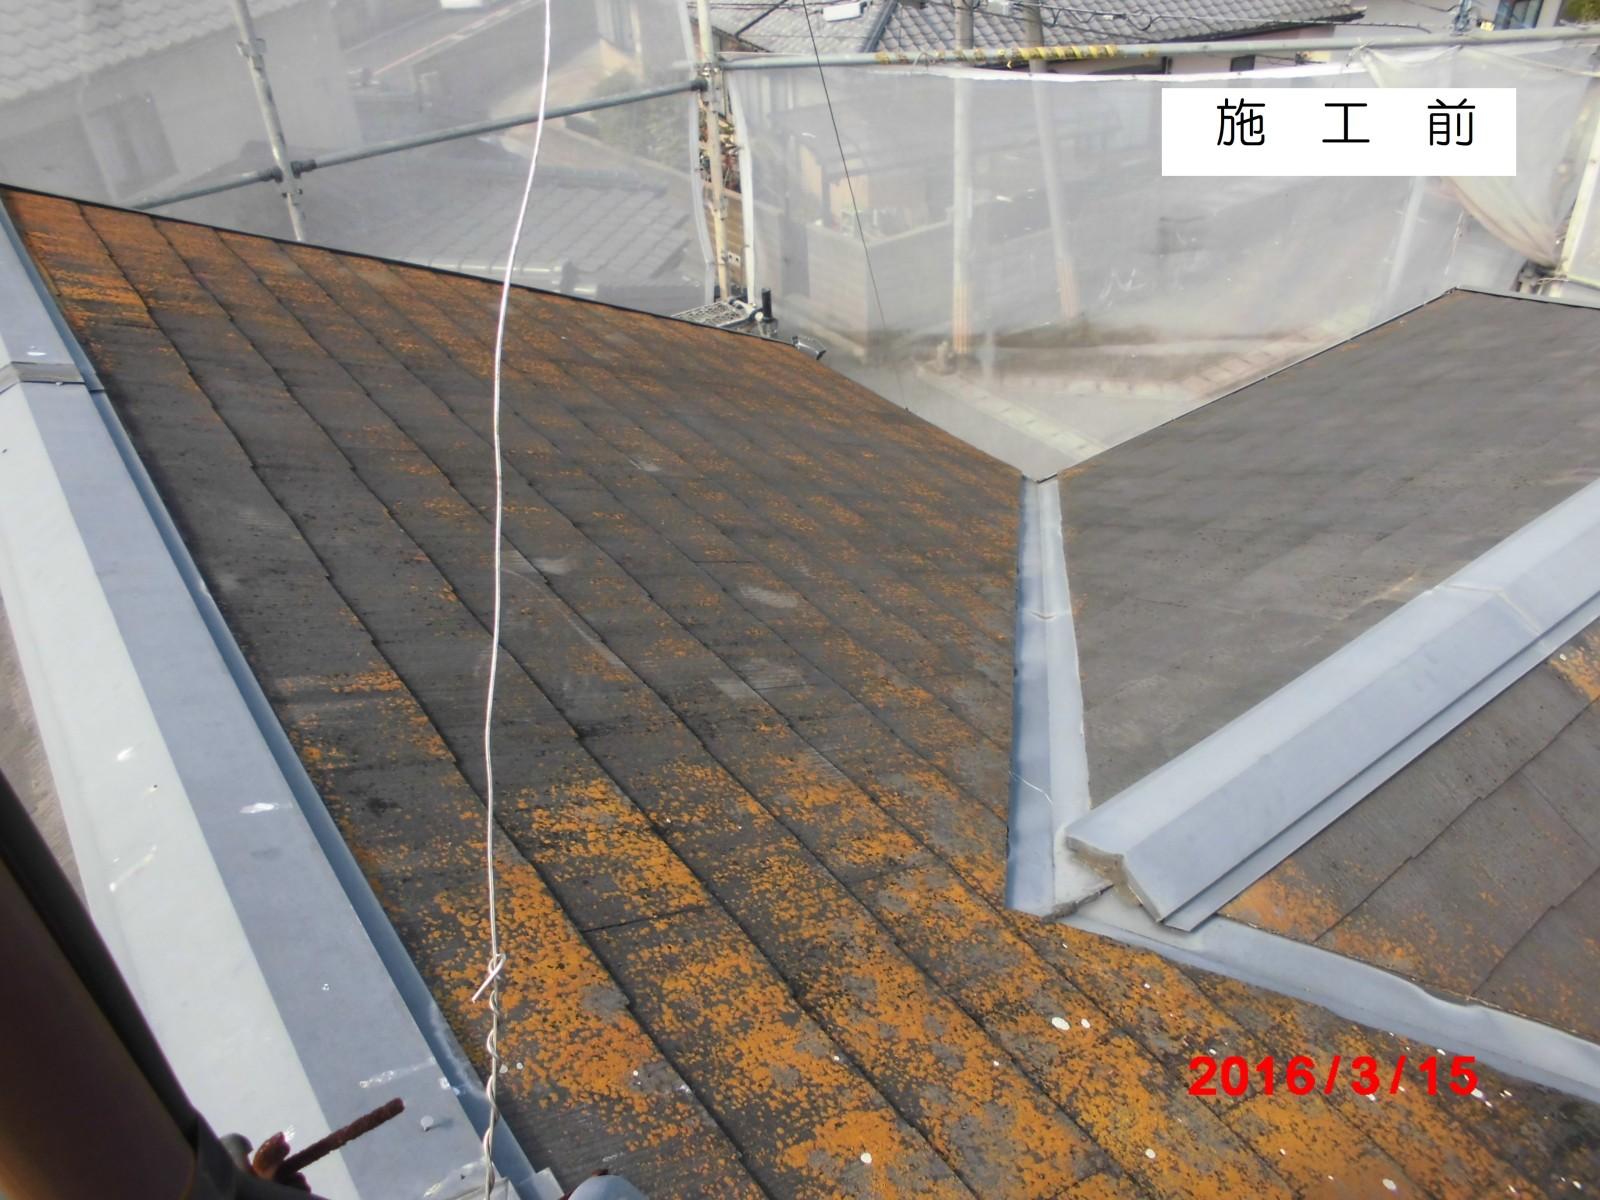 屋根は特に住んでる人は気づき難い。